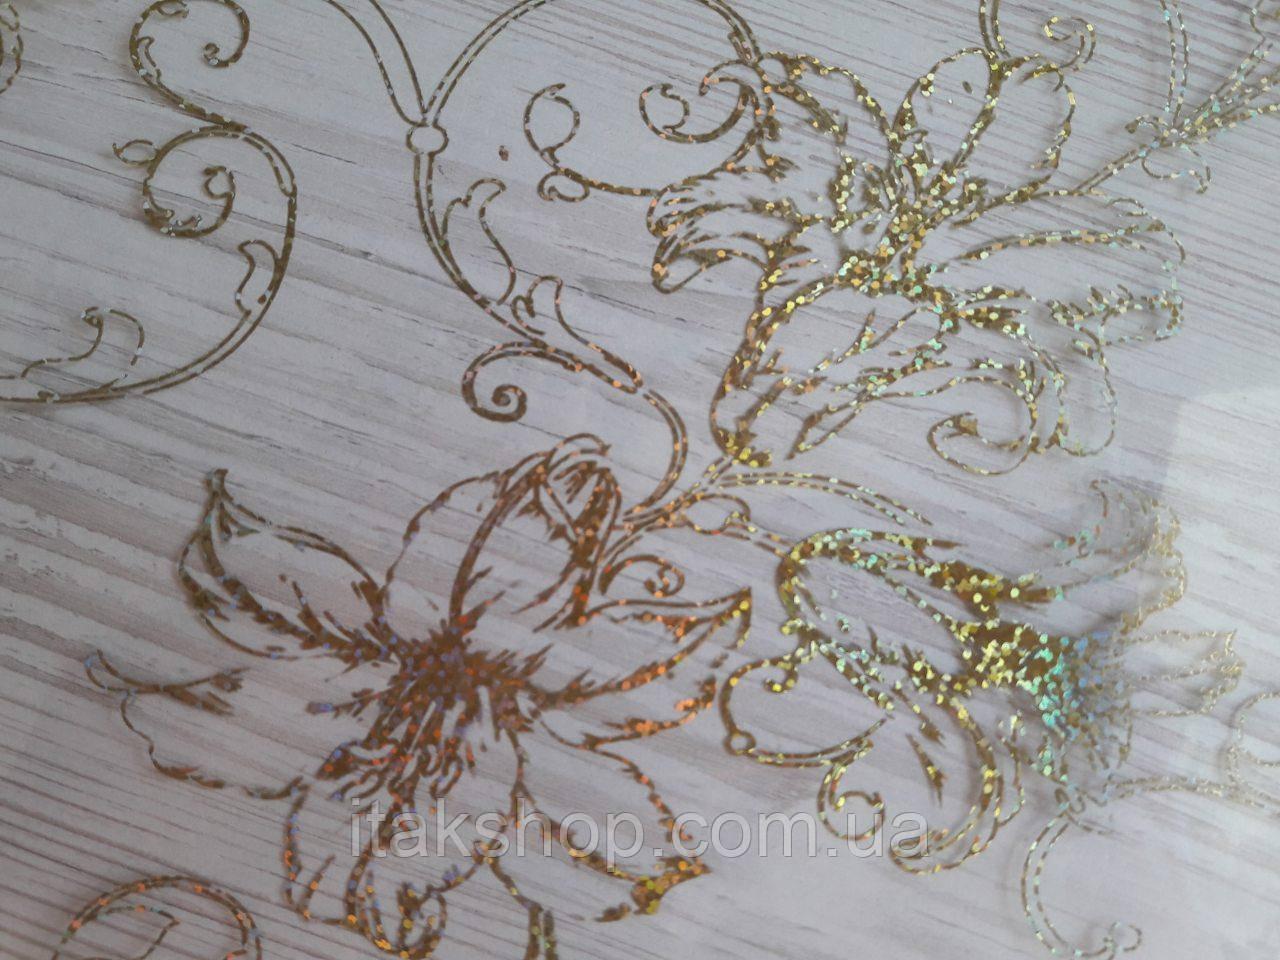 Мягкое стекло Скатерть с лазерным рисунком Soft Glass 1.2х0.8м толщина 1.5мм Золотистые лилии